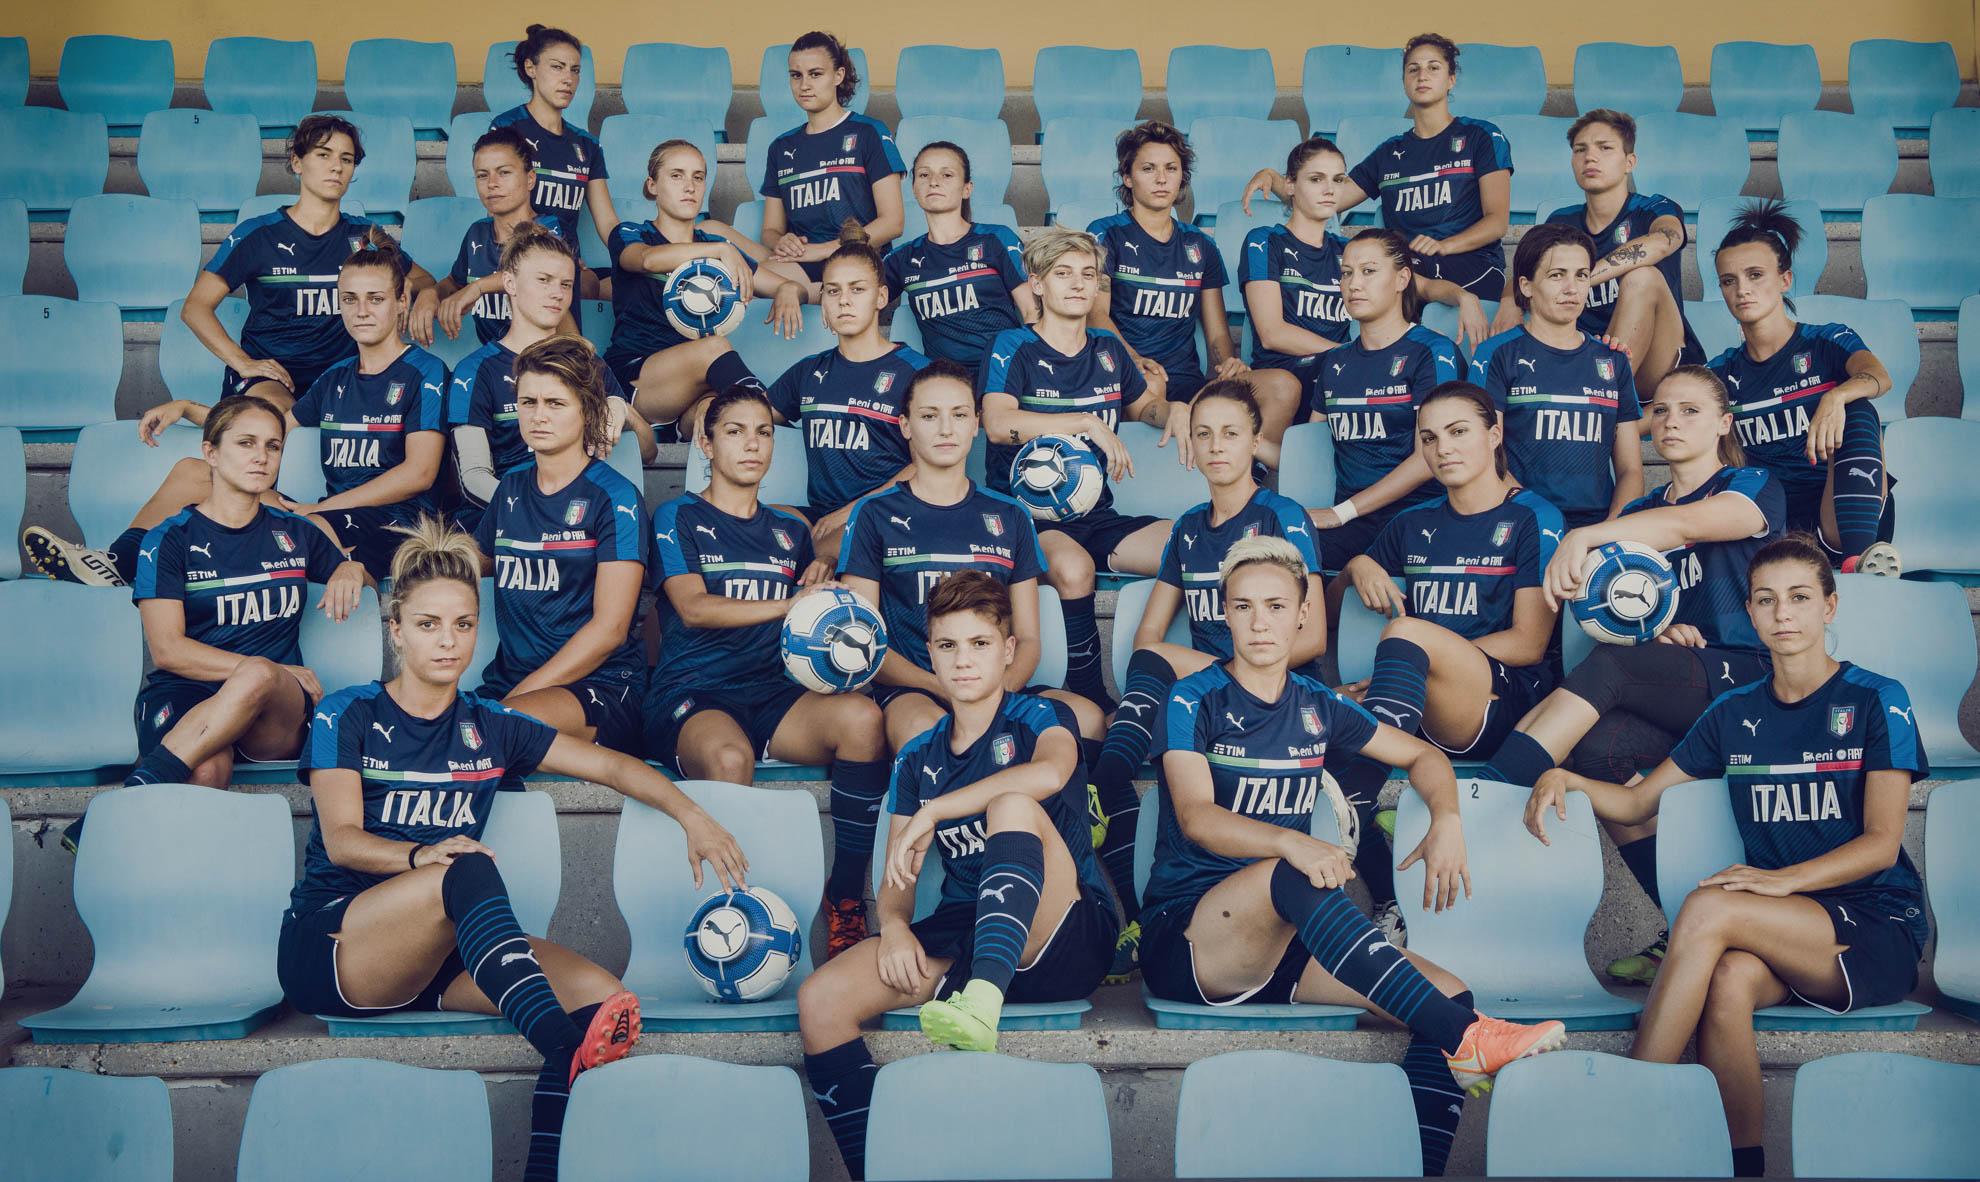 Coverciano, 2017. La nazionale femminile di calcio italiana.